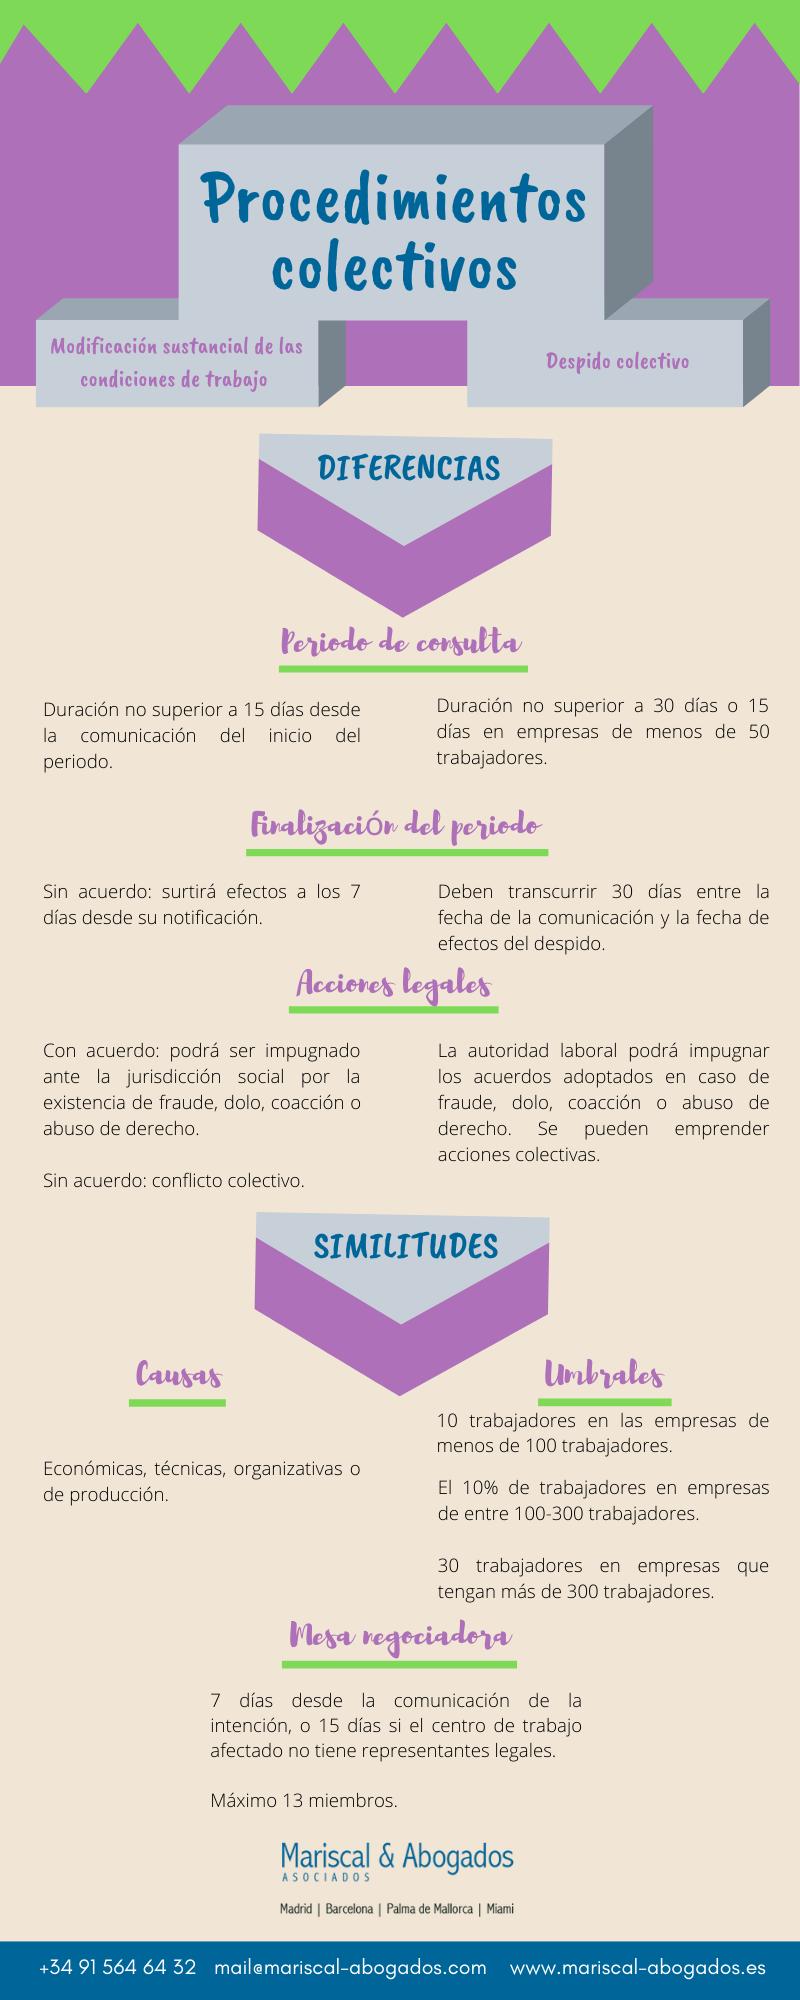 20 2019 Comparativa de los procedimientos colectivos en España